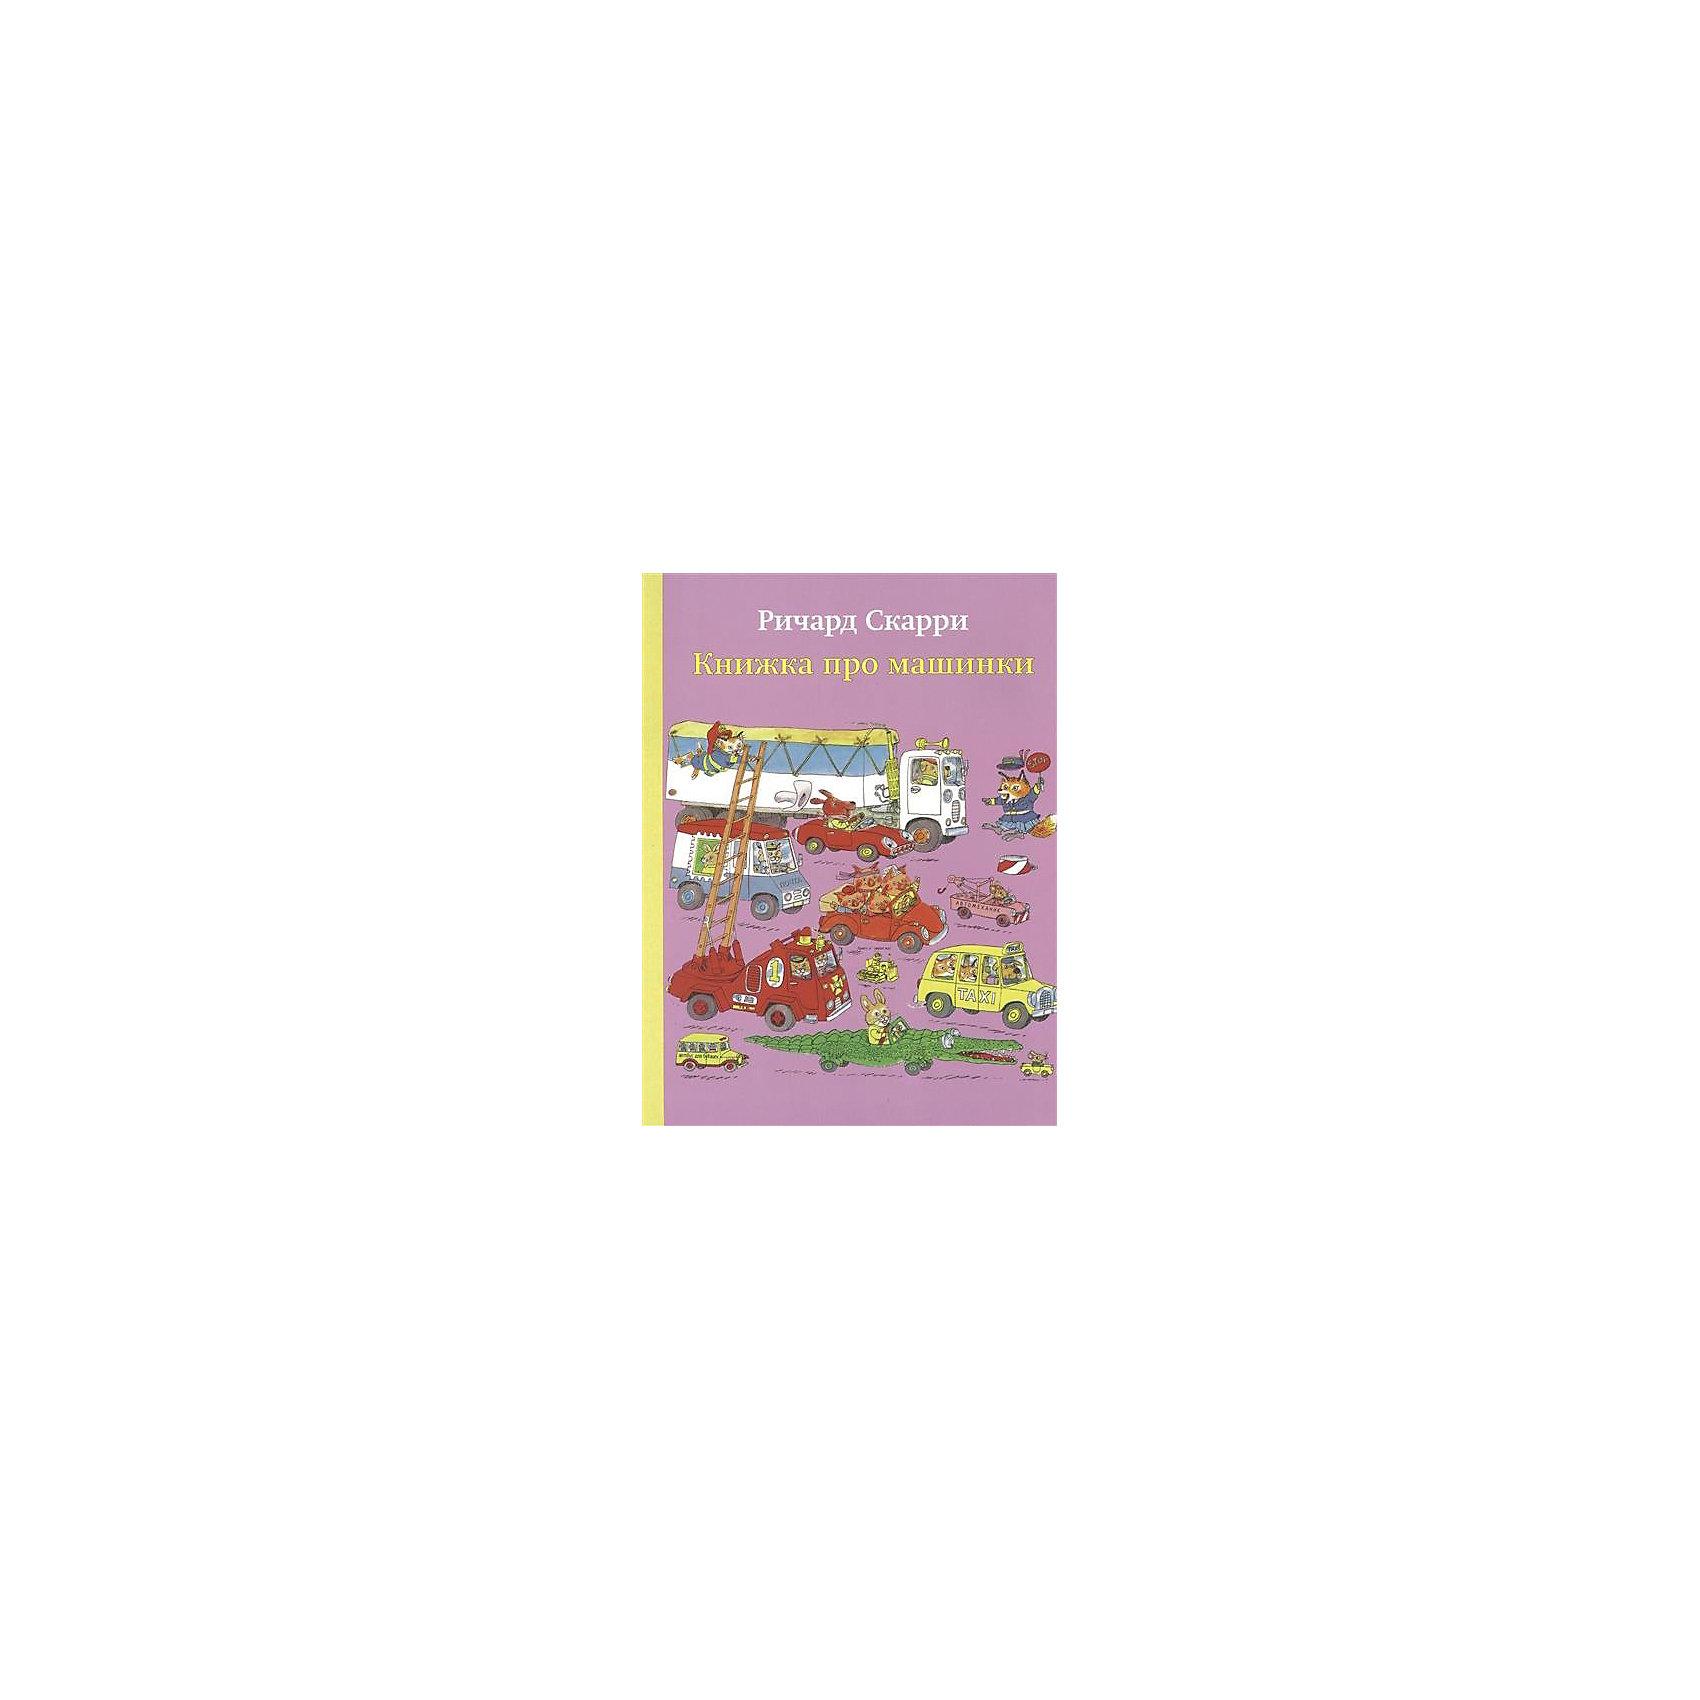 Книжка про машинки, Р. СкарриКнижка про машинки, Р. Скарри – это замечательная познавательная книга для маленьких любителей автолюбителей.<br>Книги Ричарда Скарри, пожалуй, самые известные и самые любимые книги маленьких читателей в мире. И вот, наконец, они выходят на русском языке. Ваш ребенок узнает, как помогают машины строить дома, выращивать хлеб, путешествовать и узнавать мир, как они строят дороги, перевозят продукты, паркуют самолеты, помогают на пожаре. Ваш малыш будет с любопытством рассматривать забавных героев и их верных помощников - машинки, трактора, грузовички, автобусы, корабли. Придумывать им названия и догадываться, что же они делают. Для чтения взрослыми детям. Для дошкольного возраста.<br><br>Дополнительная информация:<br><br>- Автор: Скарри Ричард<br>- Переводчик: Носова Т. Н.<br>- Издательство: Карьера Пресс, 2015 г.<br>- Серия: Детские книги Ричарда Скарри<br>- Тип обложки: мягкий переплет (крепление скрепкой или клеем)<br>- Иллюстрации: цветные<br>- Количество страниц: 64 (офсет)<br>- Размер: 282x220x7 мм.<br>- Вес: 270 гр.<br><br>Книжку про машинки, Р. Скарри можно купить в нашем интернет-магазине.<br><br>Ширина мм: 212<br>Глубина мм: 6<br>Высота мм: 277<br>Вес г: 300<br>Возраст от месяцев: 12<br>Возраст до месяцев: 60<br>Пол: Унисекс<br>Возраст: Детский<br>SKU: 4522362